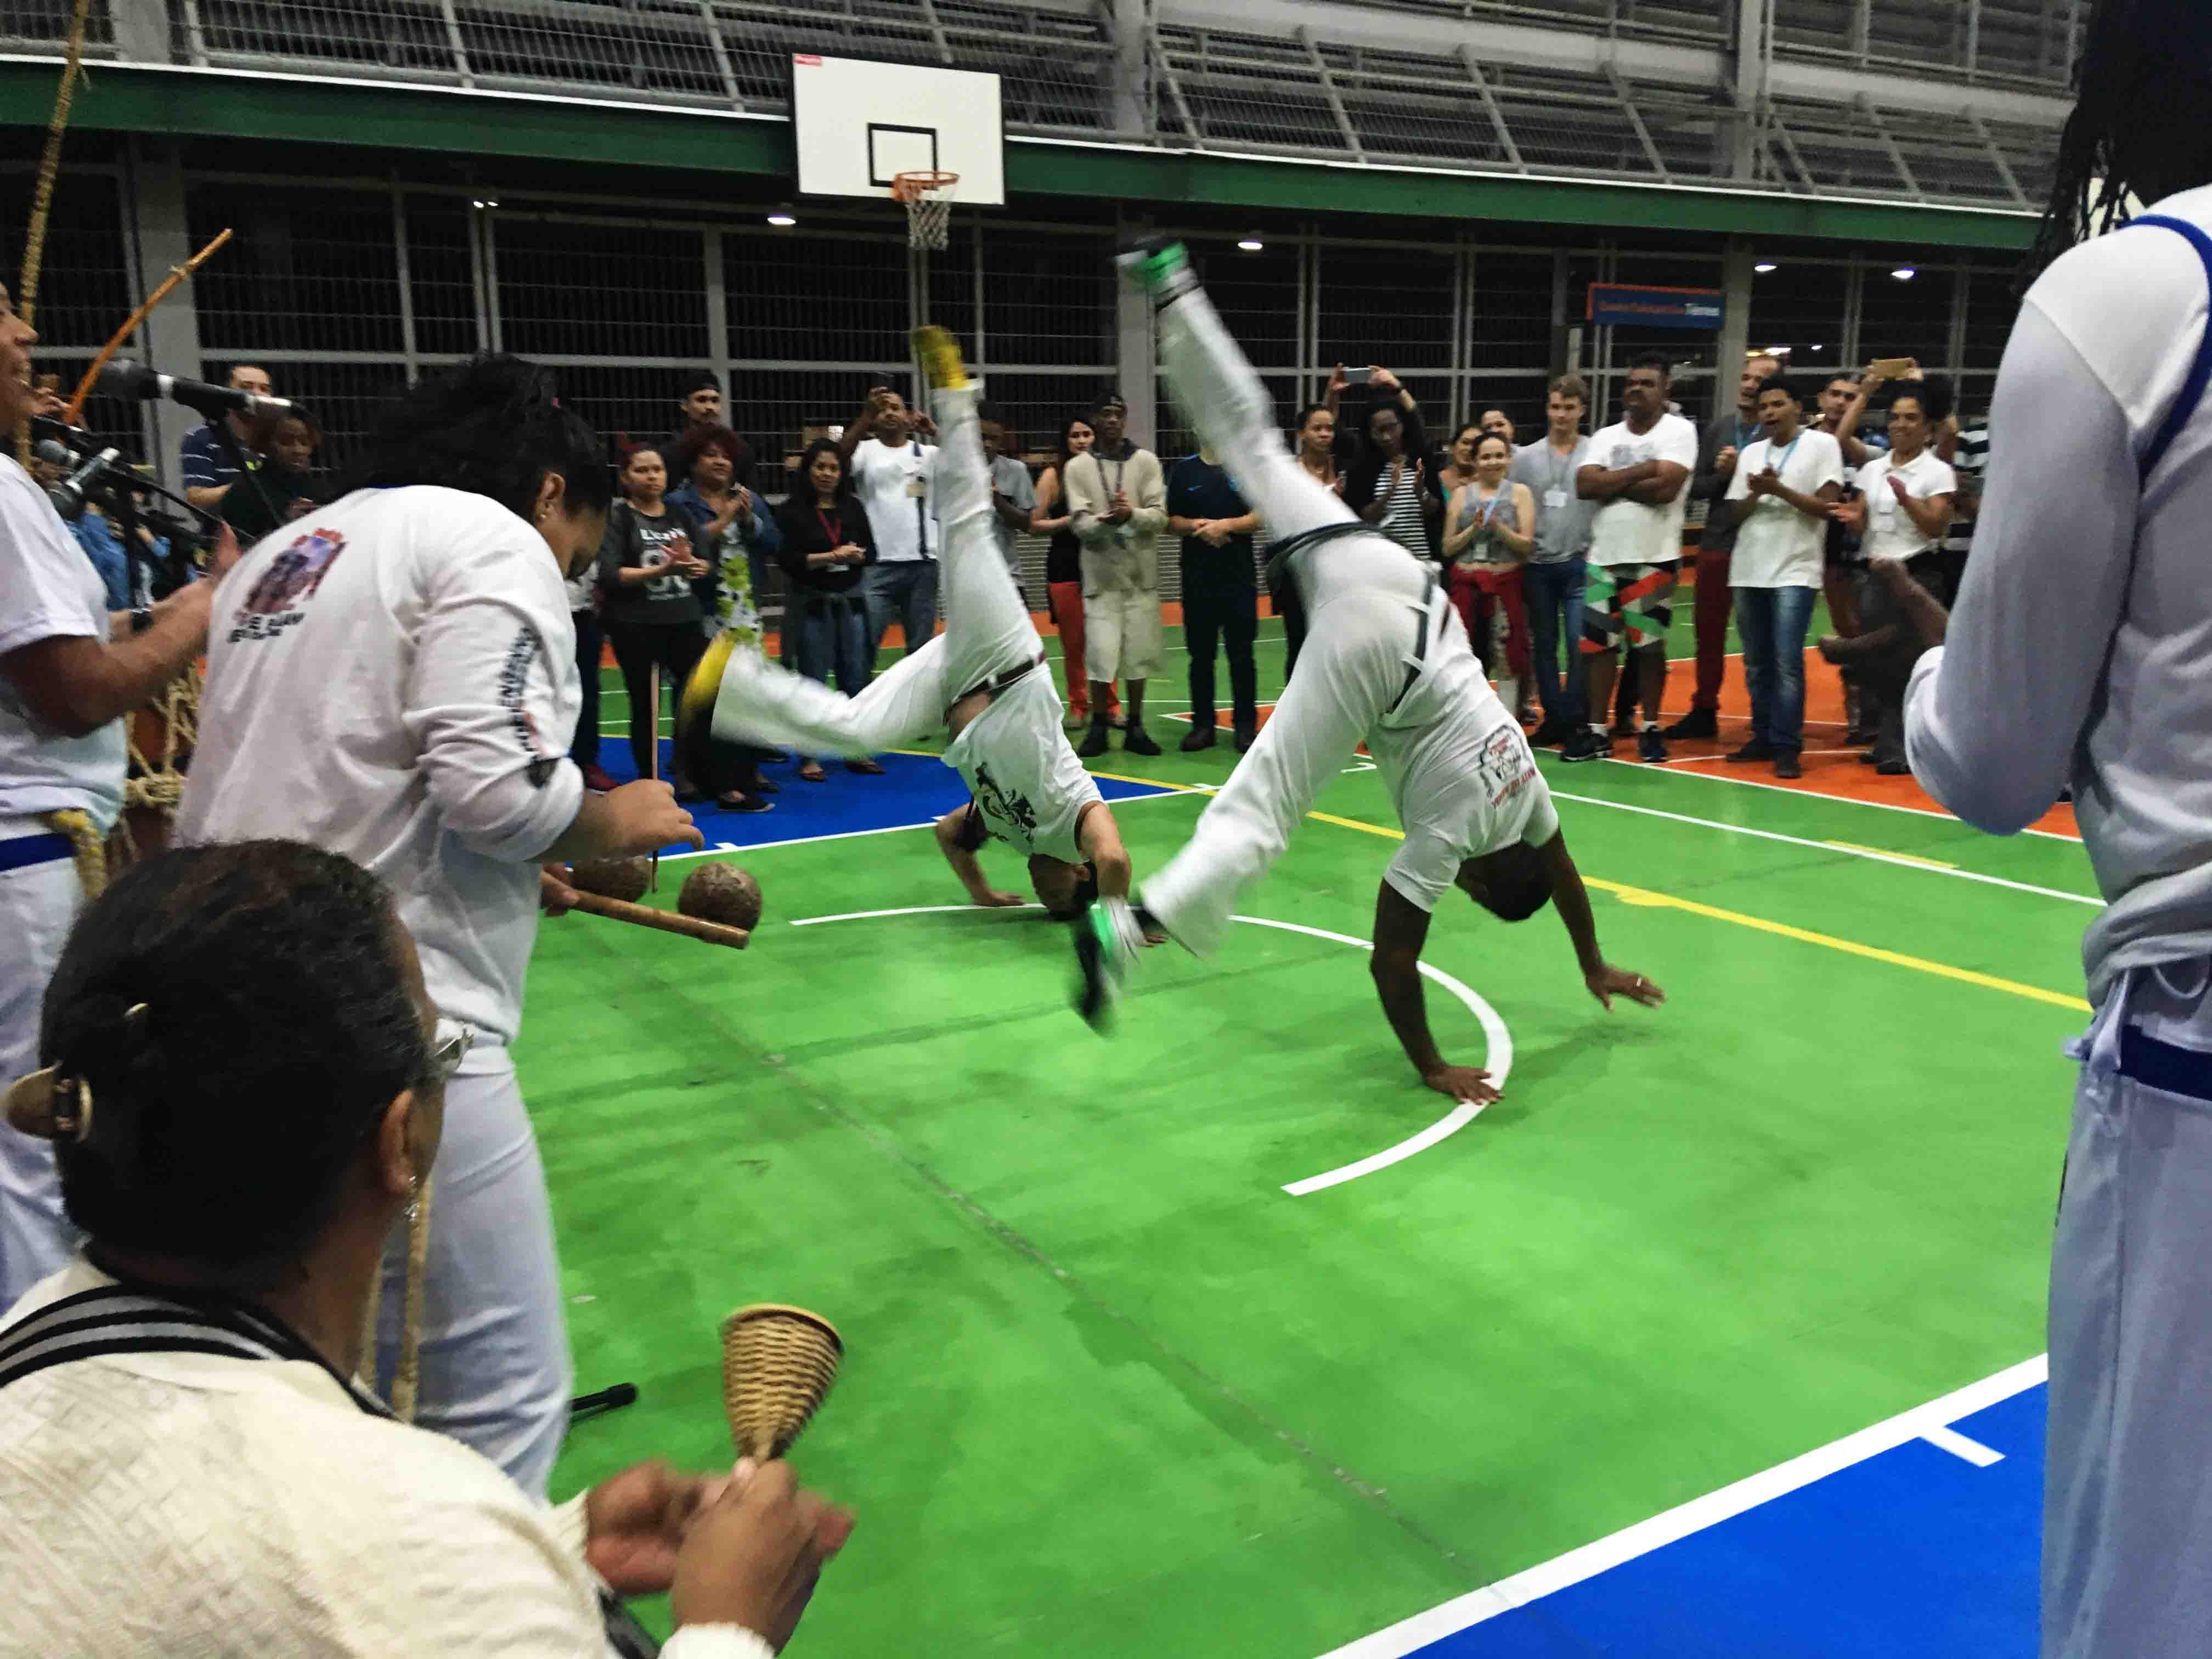 """Em roda de capoeira, dois jogadores realizam movimento de """"estrela"""" enquanto são observados pelo resto da turma, que toca instrumentos e bate palmas. Fim da descrição."""